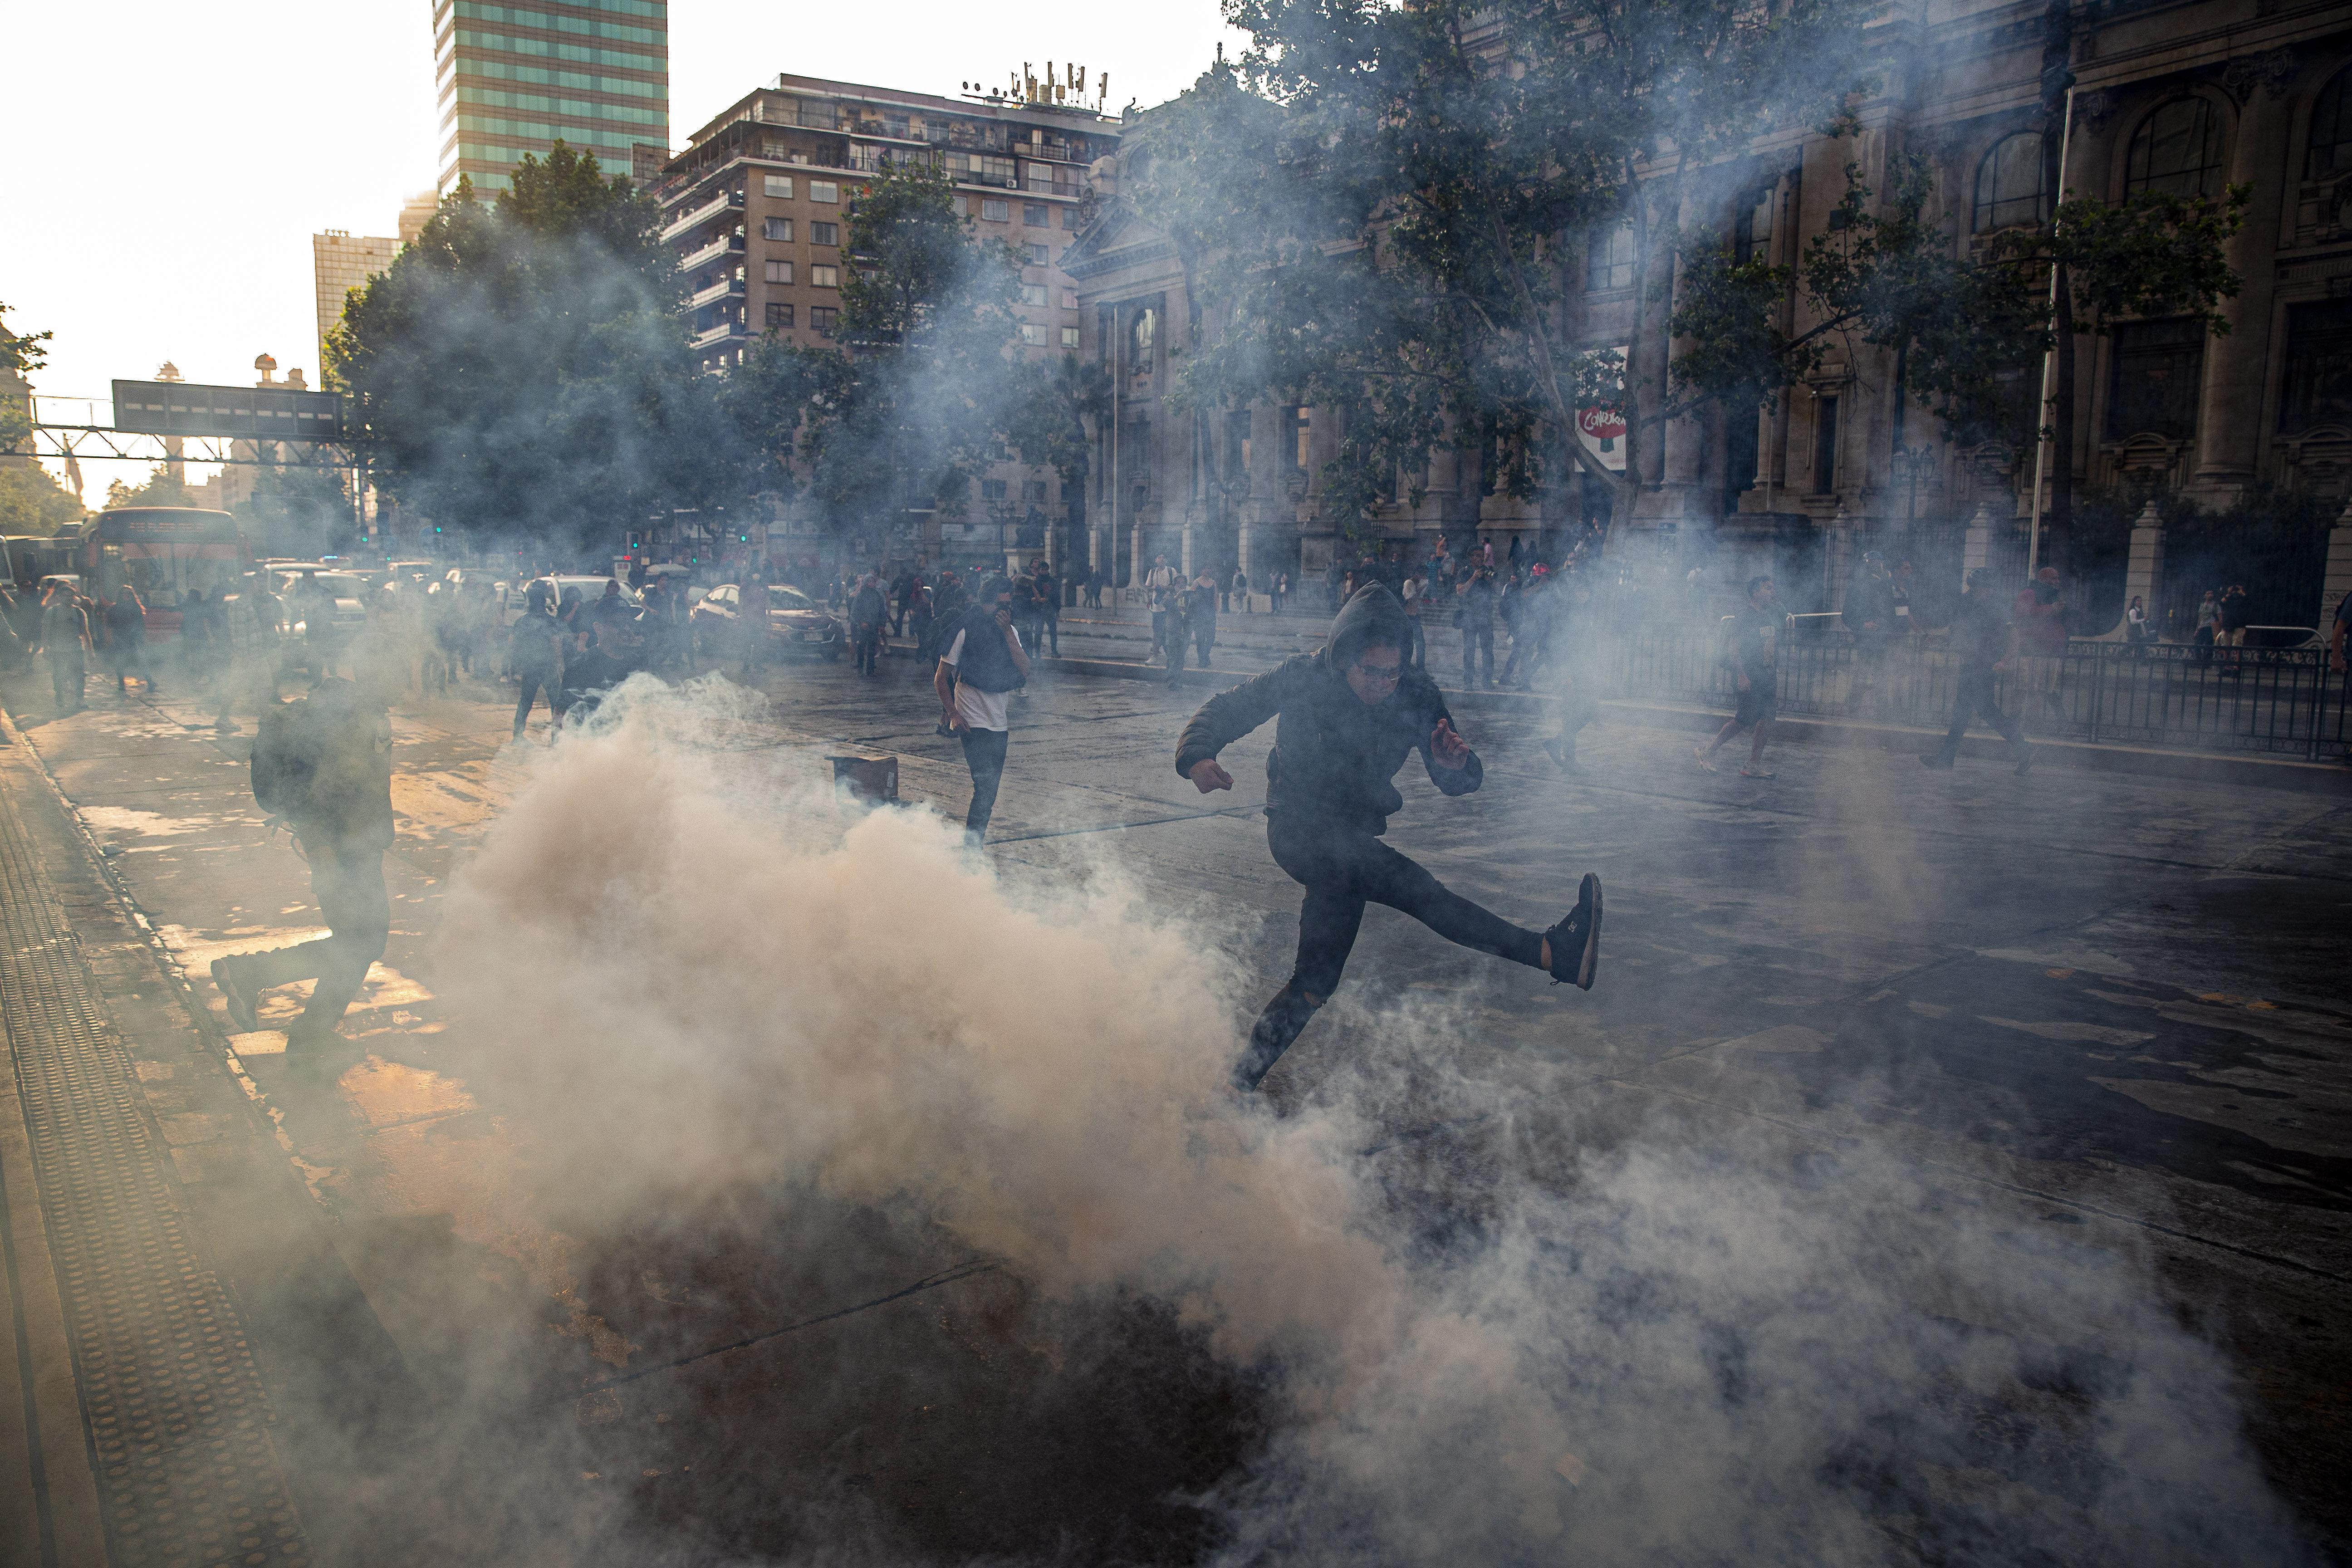 340 forintra drágult a metrójegy, a tüntetők fölgyújtották fél Santiagót